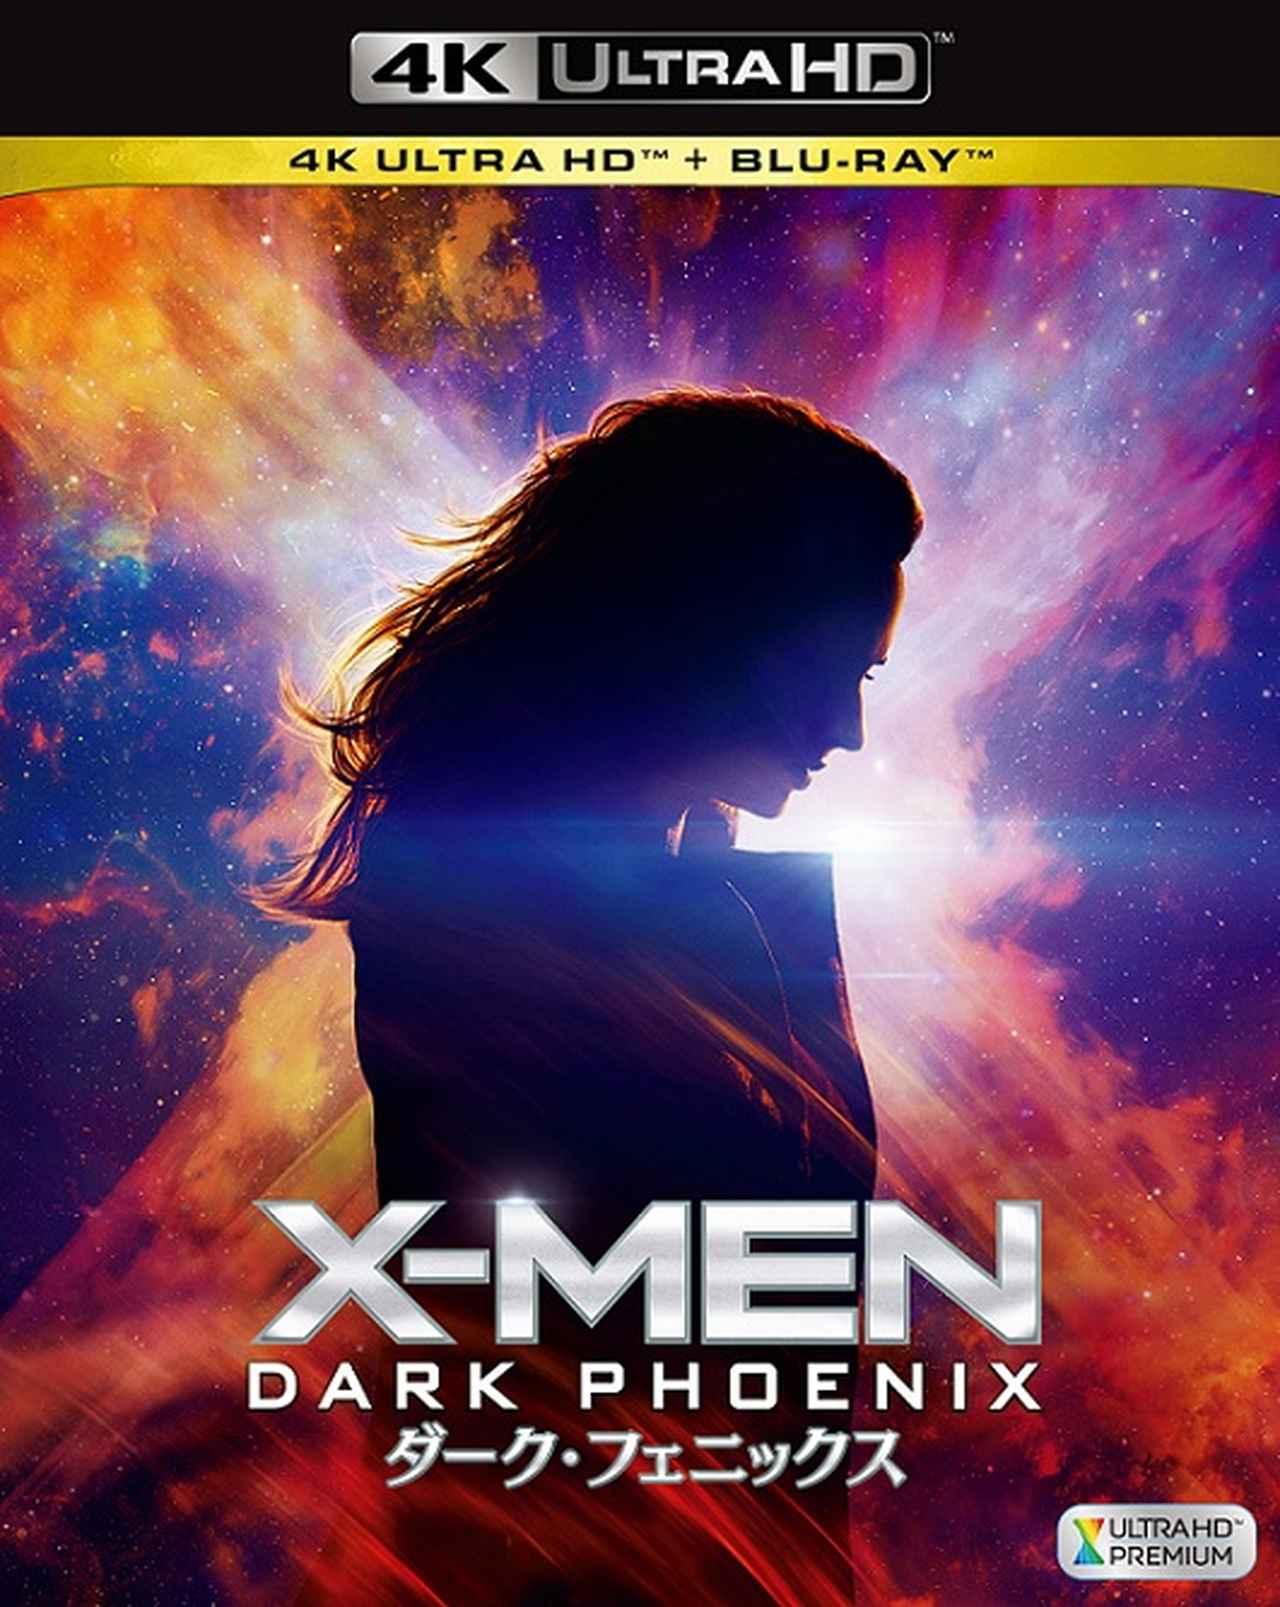 画像: 「X-MEN:ダーク・フェニックス 4K ULTRA HD+2Dブルーレイ」 ¥6,000+税(2枚組) 【特典映像】 <4K ULTRA HD> ●サイモン・キンバーグ(監督/脚本/製作)とハッチ・パーカー(製作)による音声解説 <ブルーレイ> ※2枚組ブルーレイ&DVD(FXXF‒8329)のブルーレイと同内容